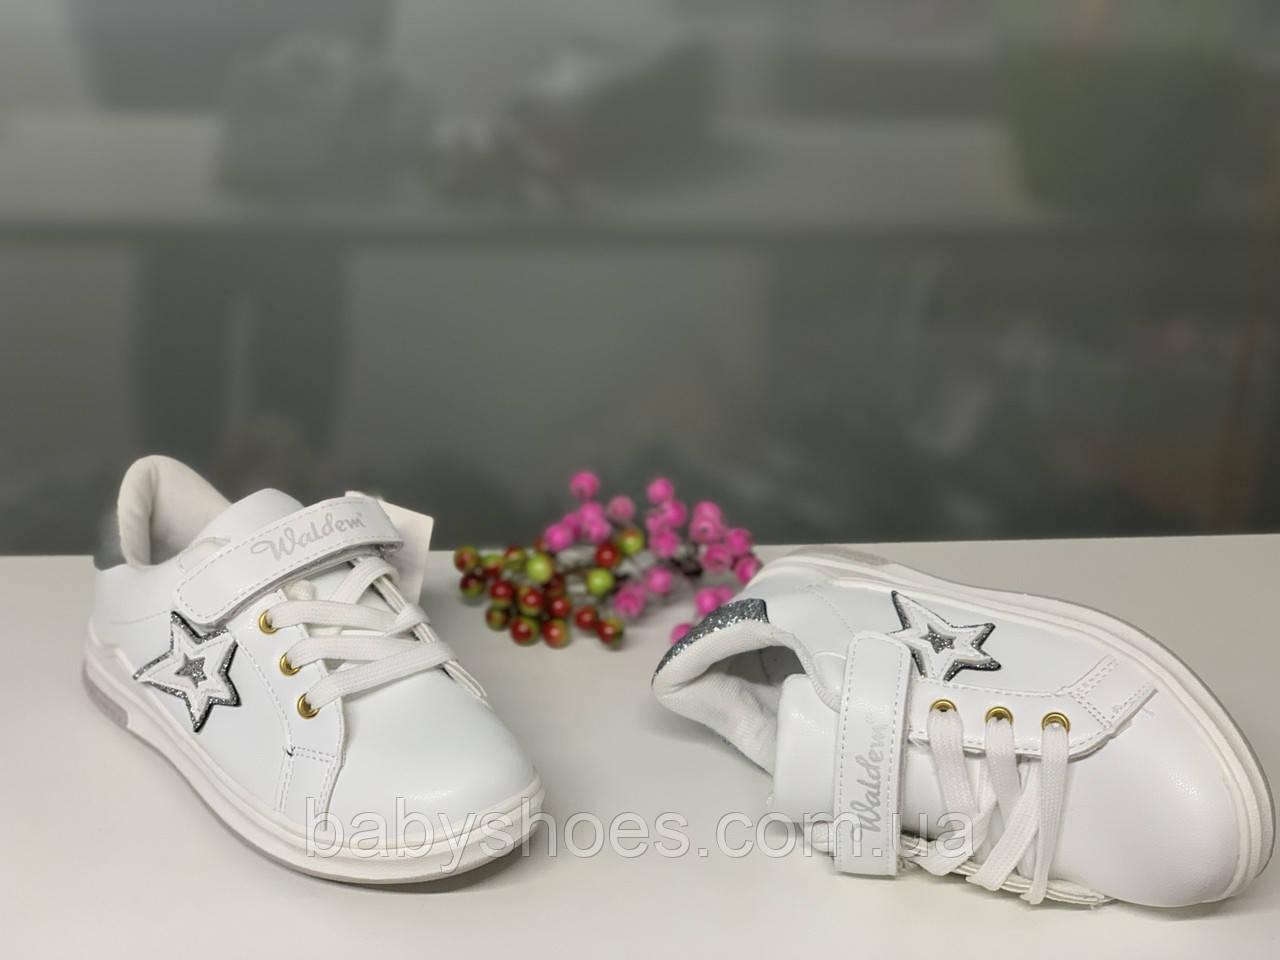 Кроссовки для девочки Waldem Турция  р.32, 33  КД-367